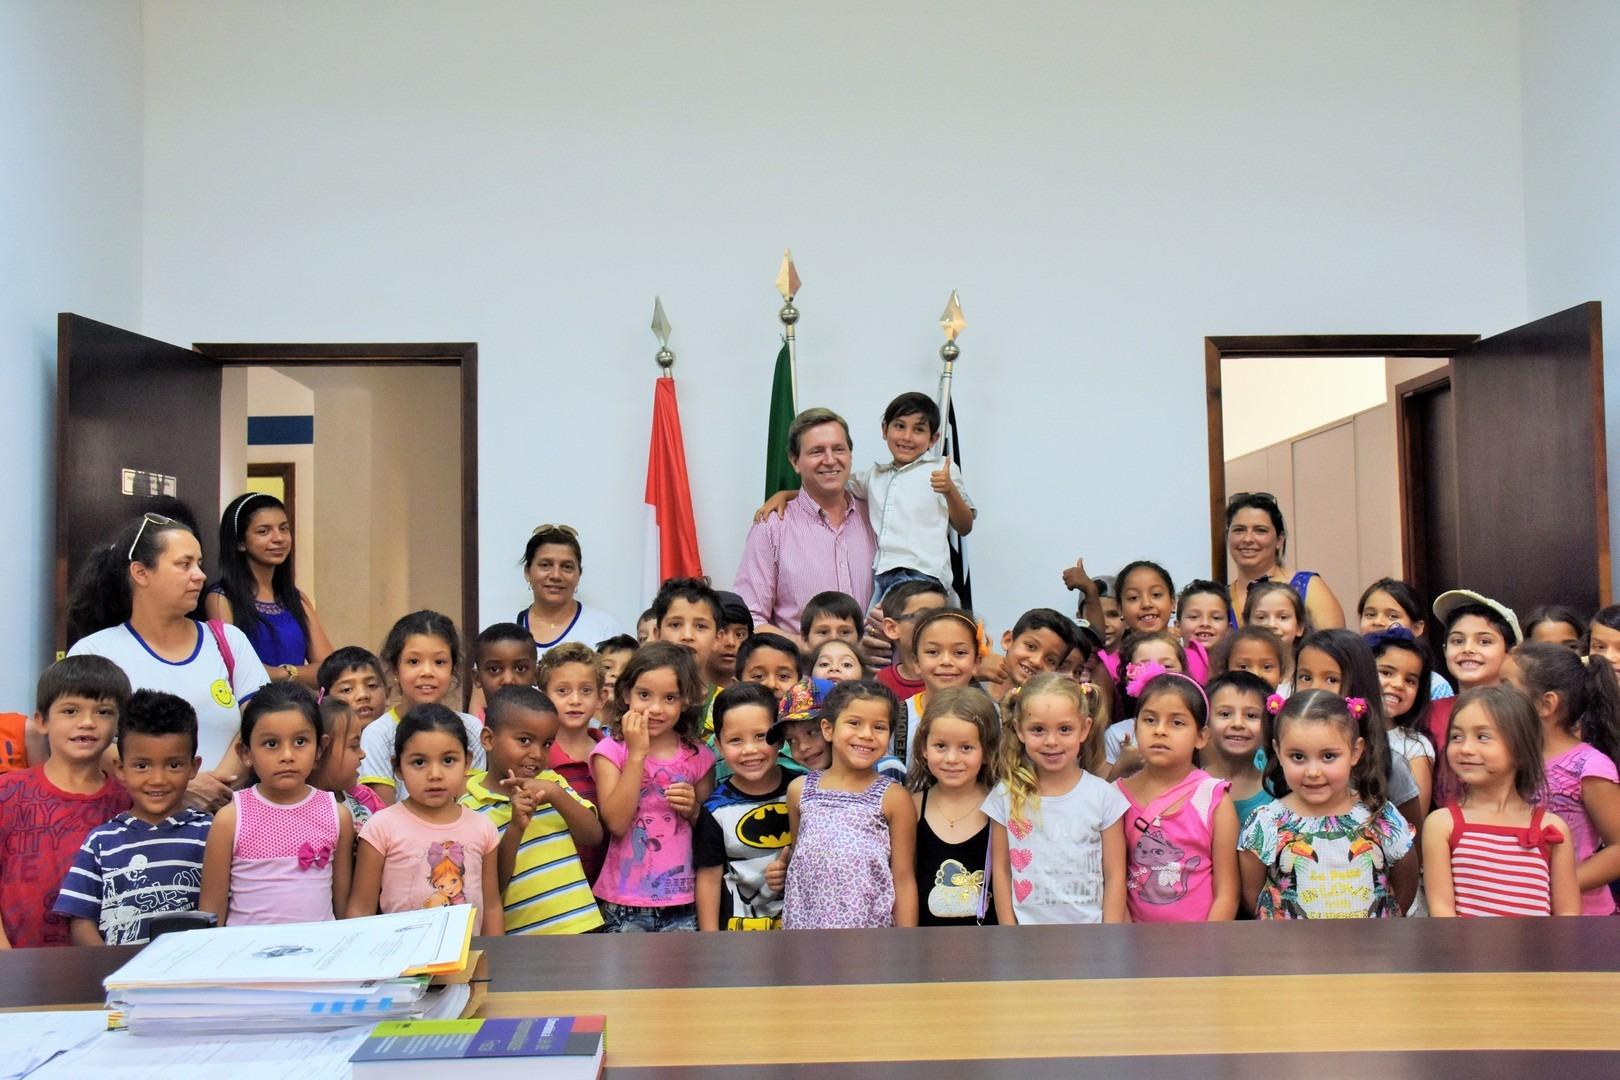 Prefeito de Itararé (SP) recebe alunos do bairro Pedra Branca no gabinete